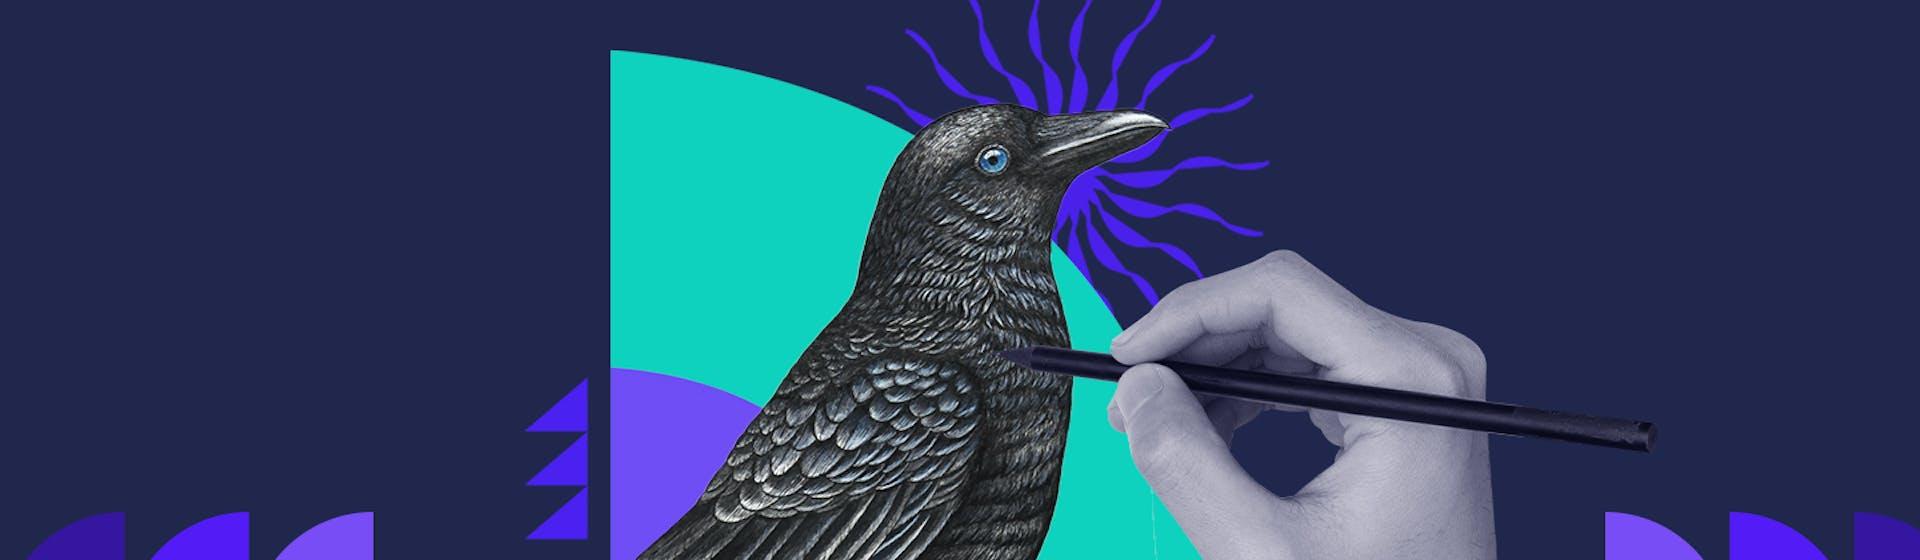 10 trucos para dibujar mejor y detonar toda tu creatividad